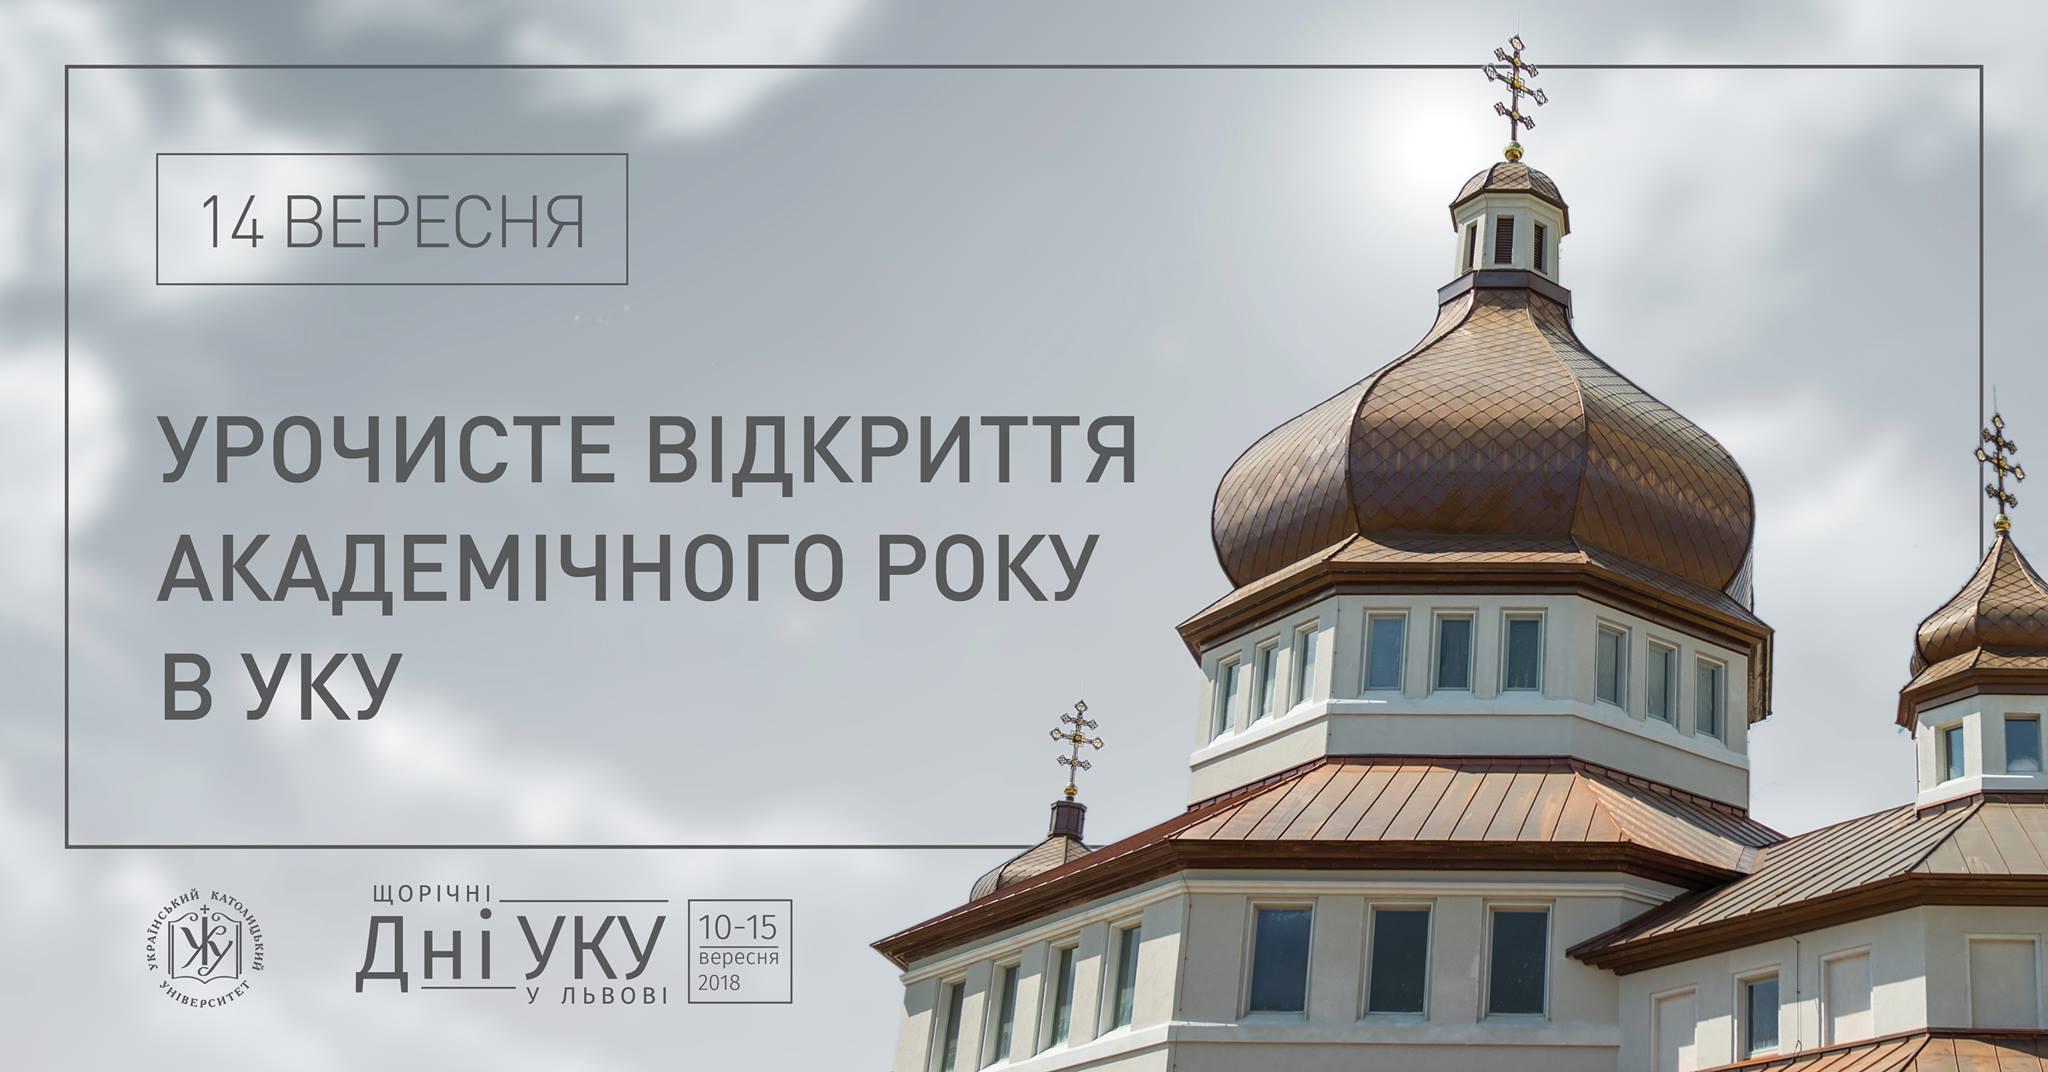 Урочисте відкриття академічного року в УКУ